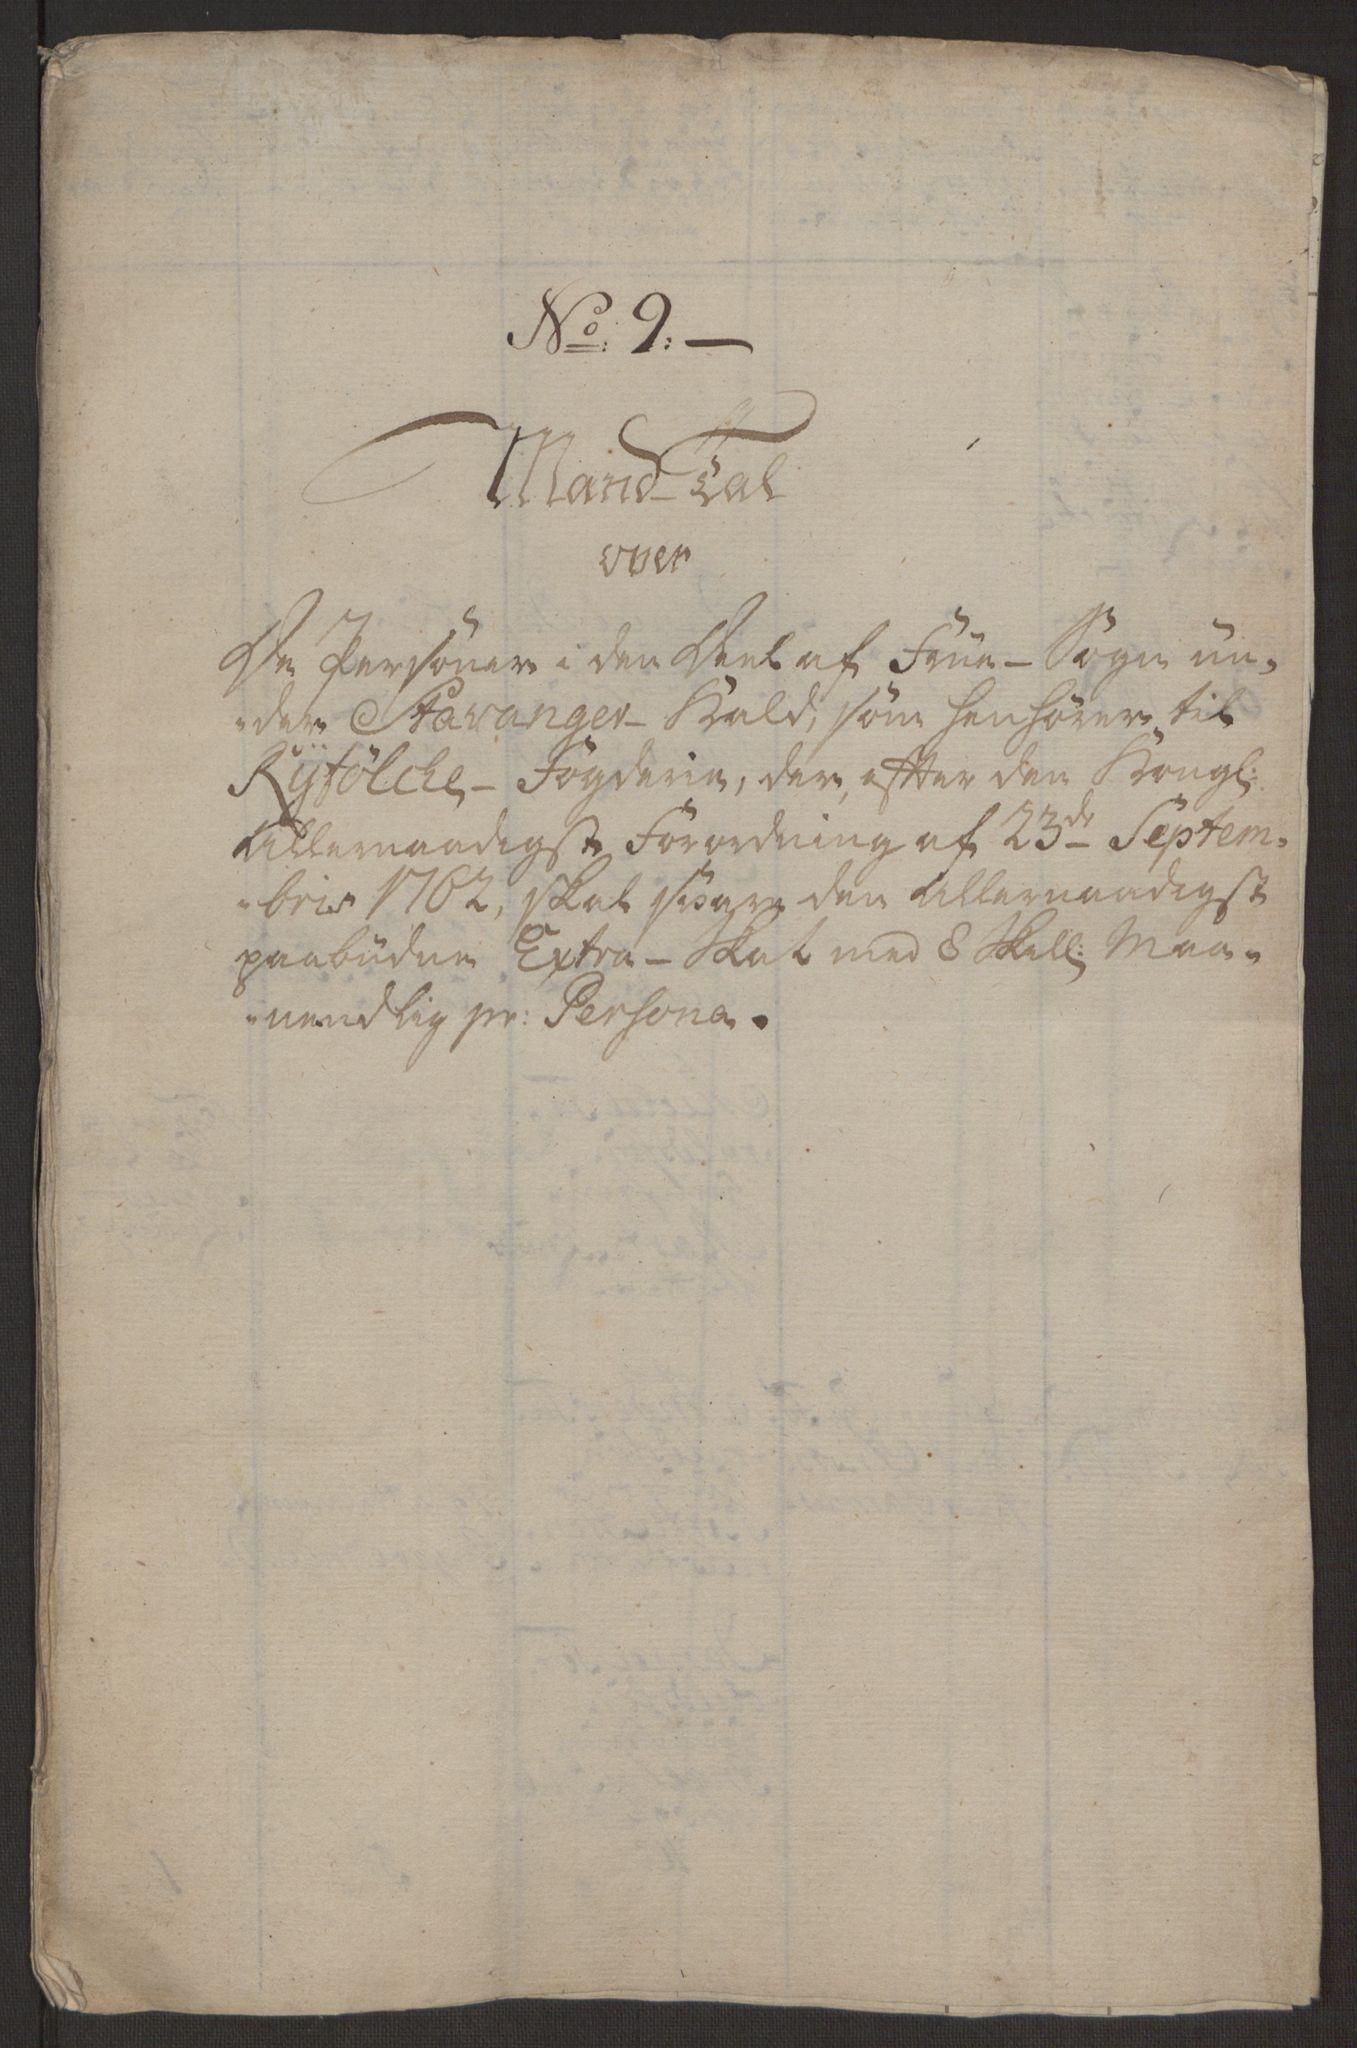 RA, Rentekammeret inntil 1814, Reviderte regnskaper, Hovedkasseregnskaper, Rf/L0072b: Ekstraskatteregnskap, 1762, s. 468